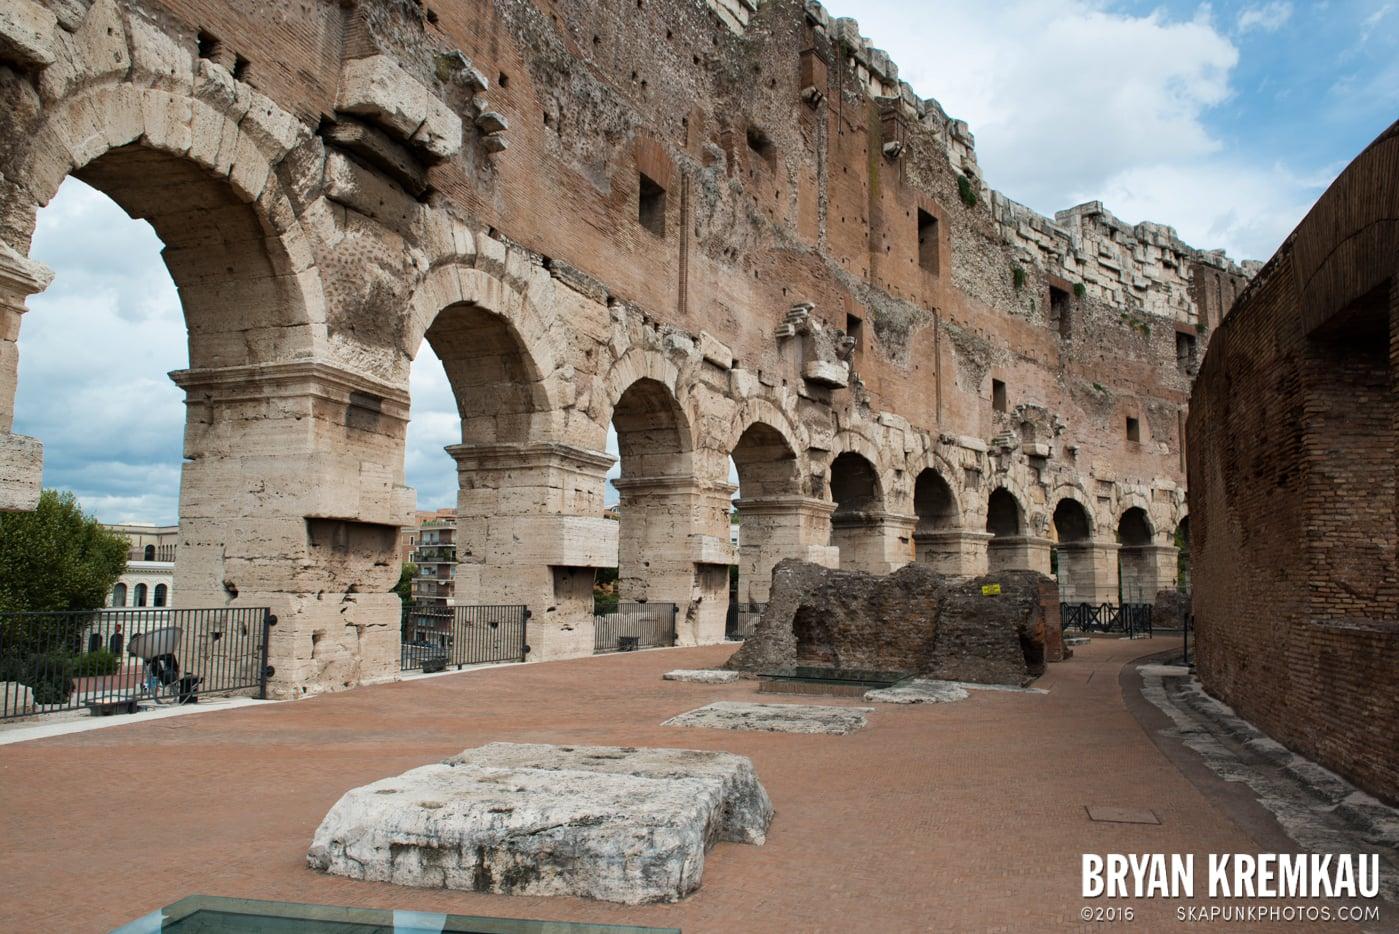 Italy Vacation - Day 2: Rome - 9.10.13 (47)